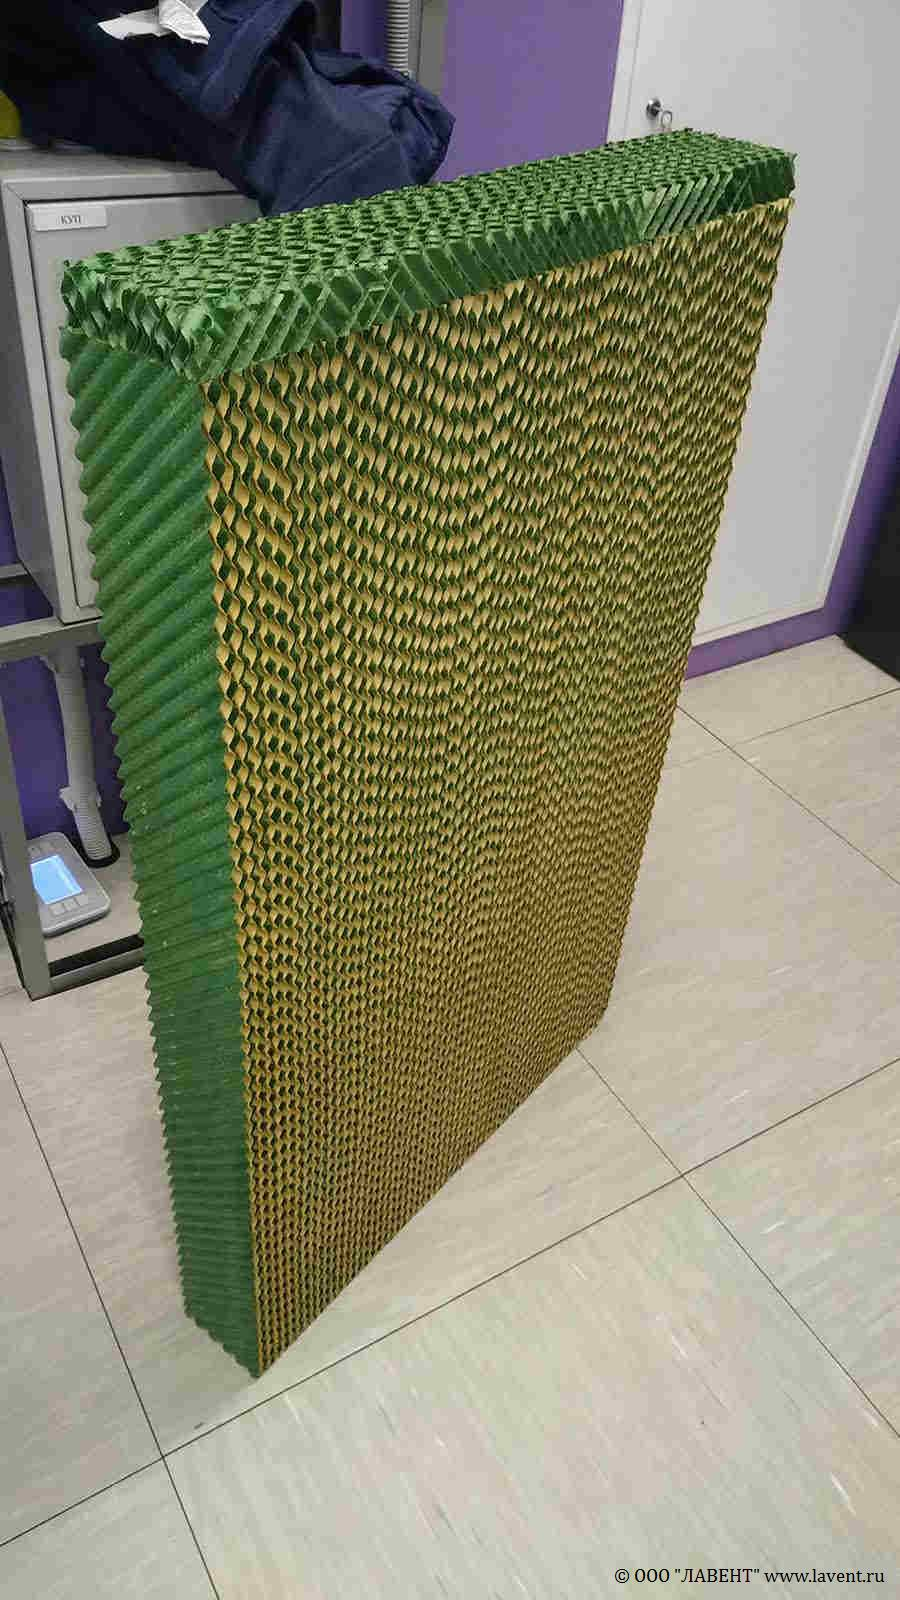 HM3 5000 Celpad